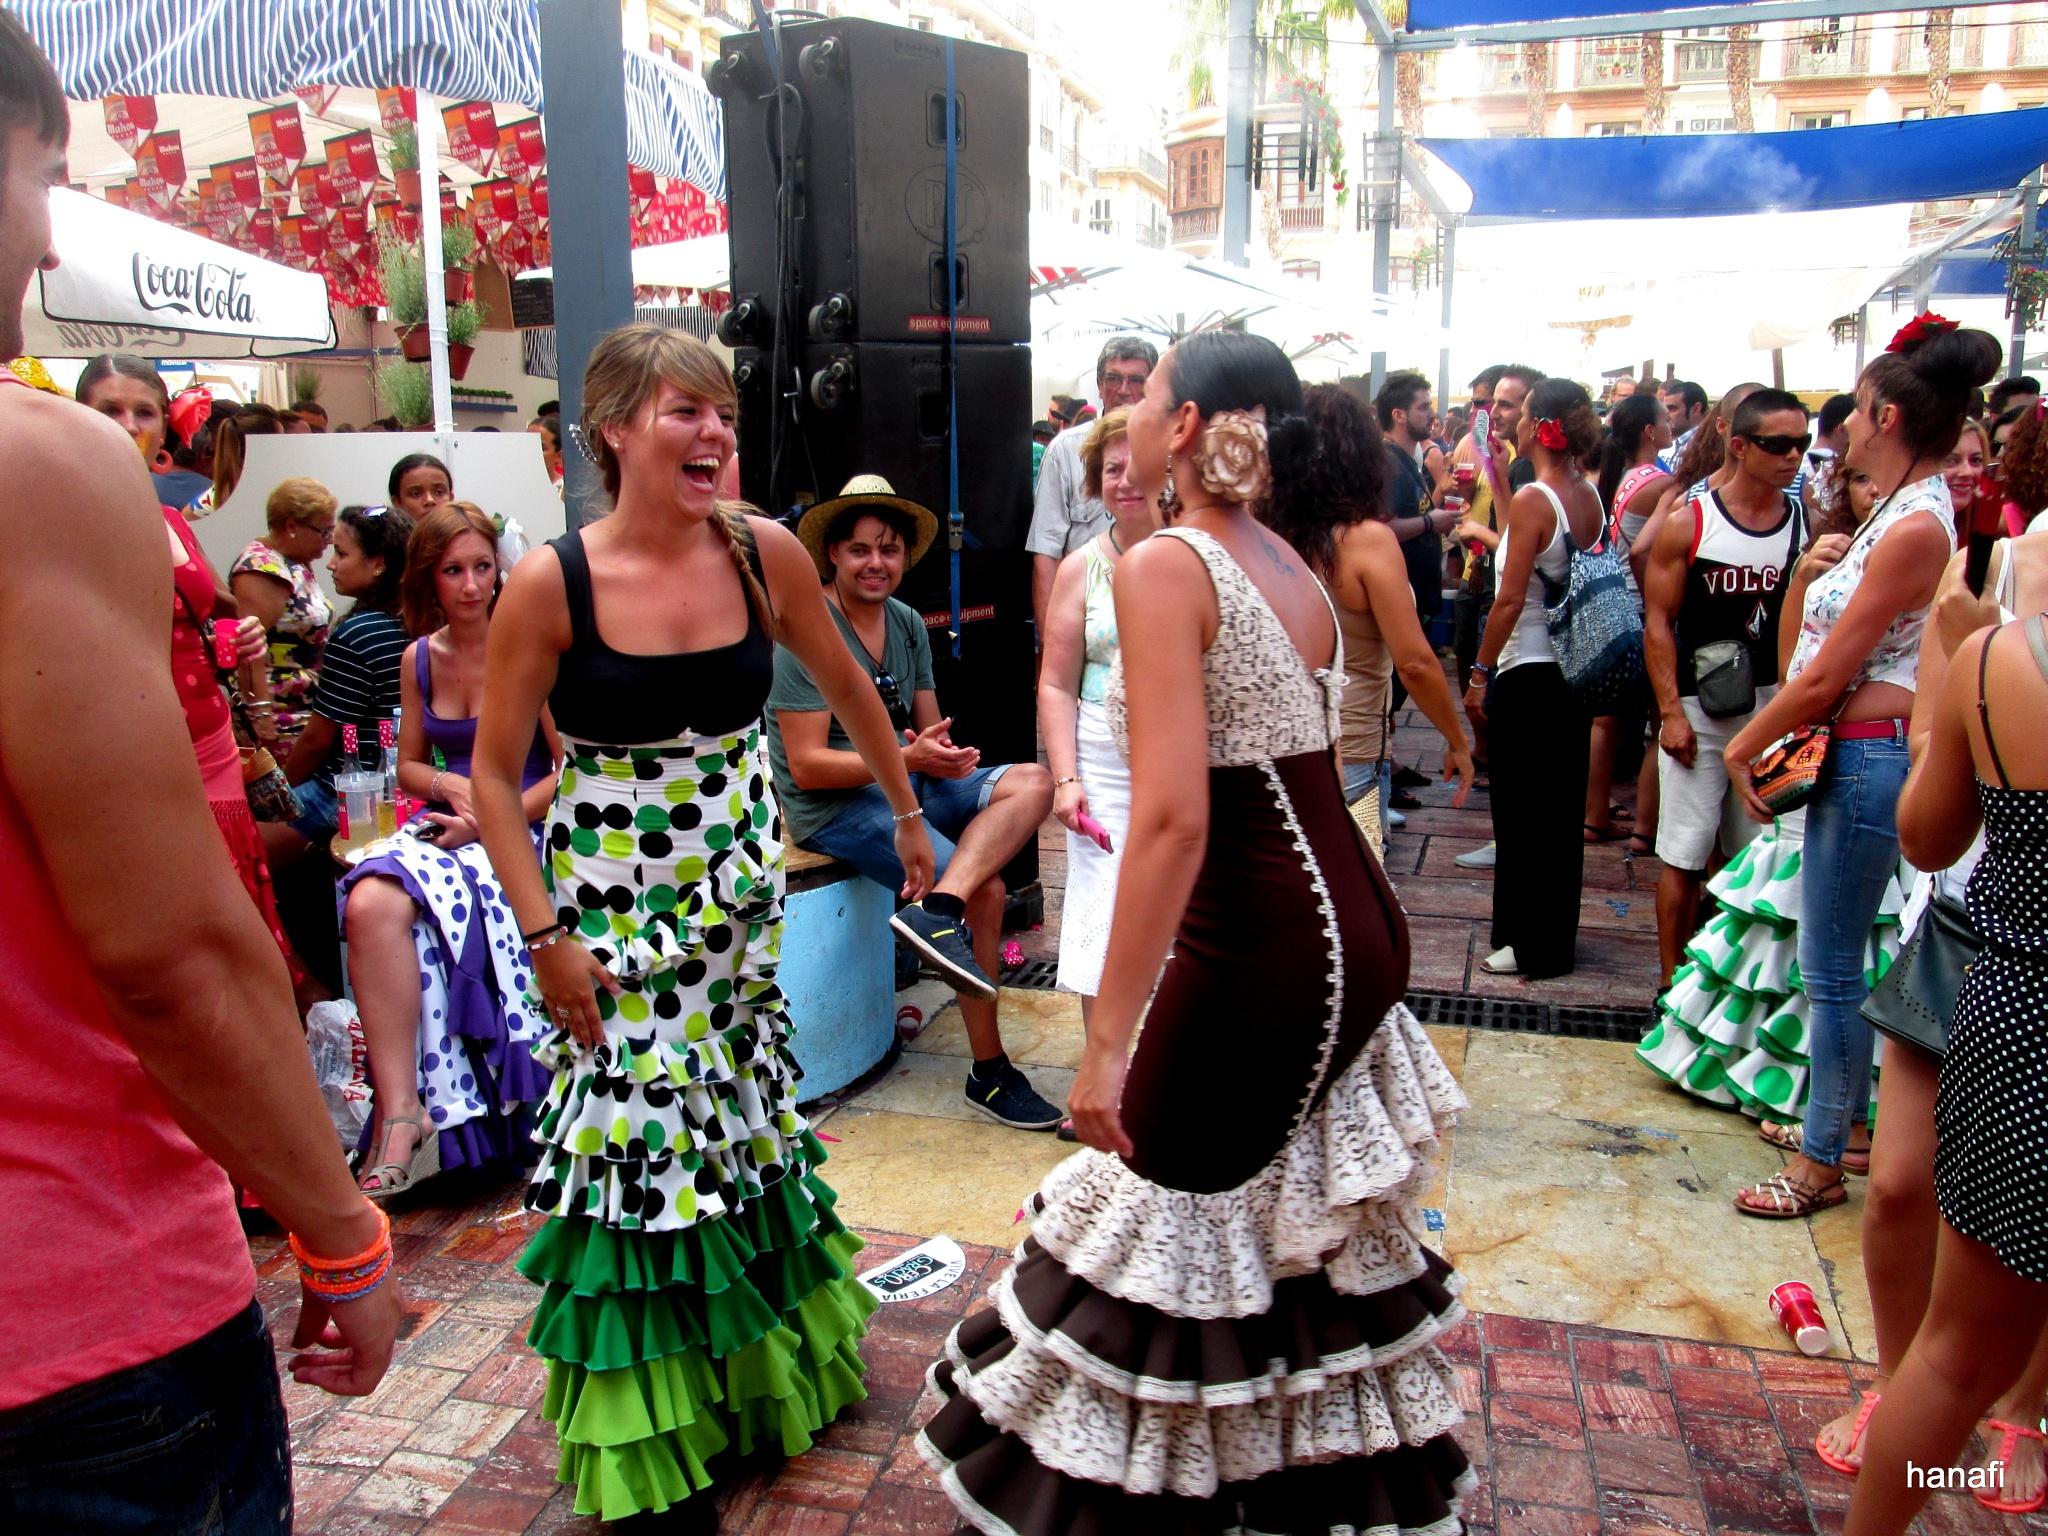 Feria de Malaga  by Khalid Hanafi